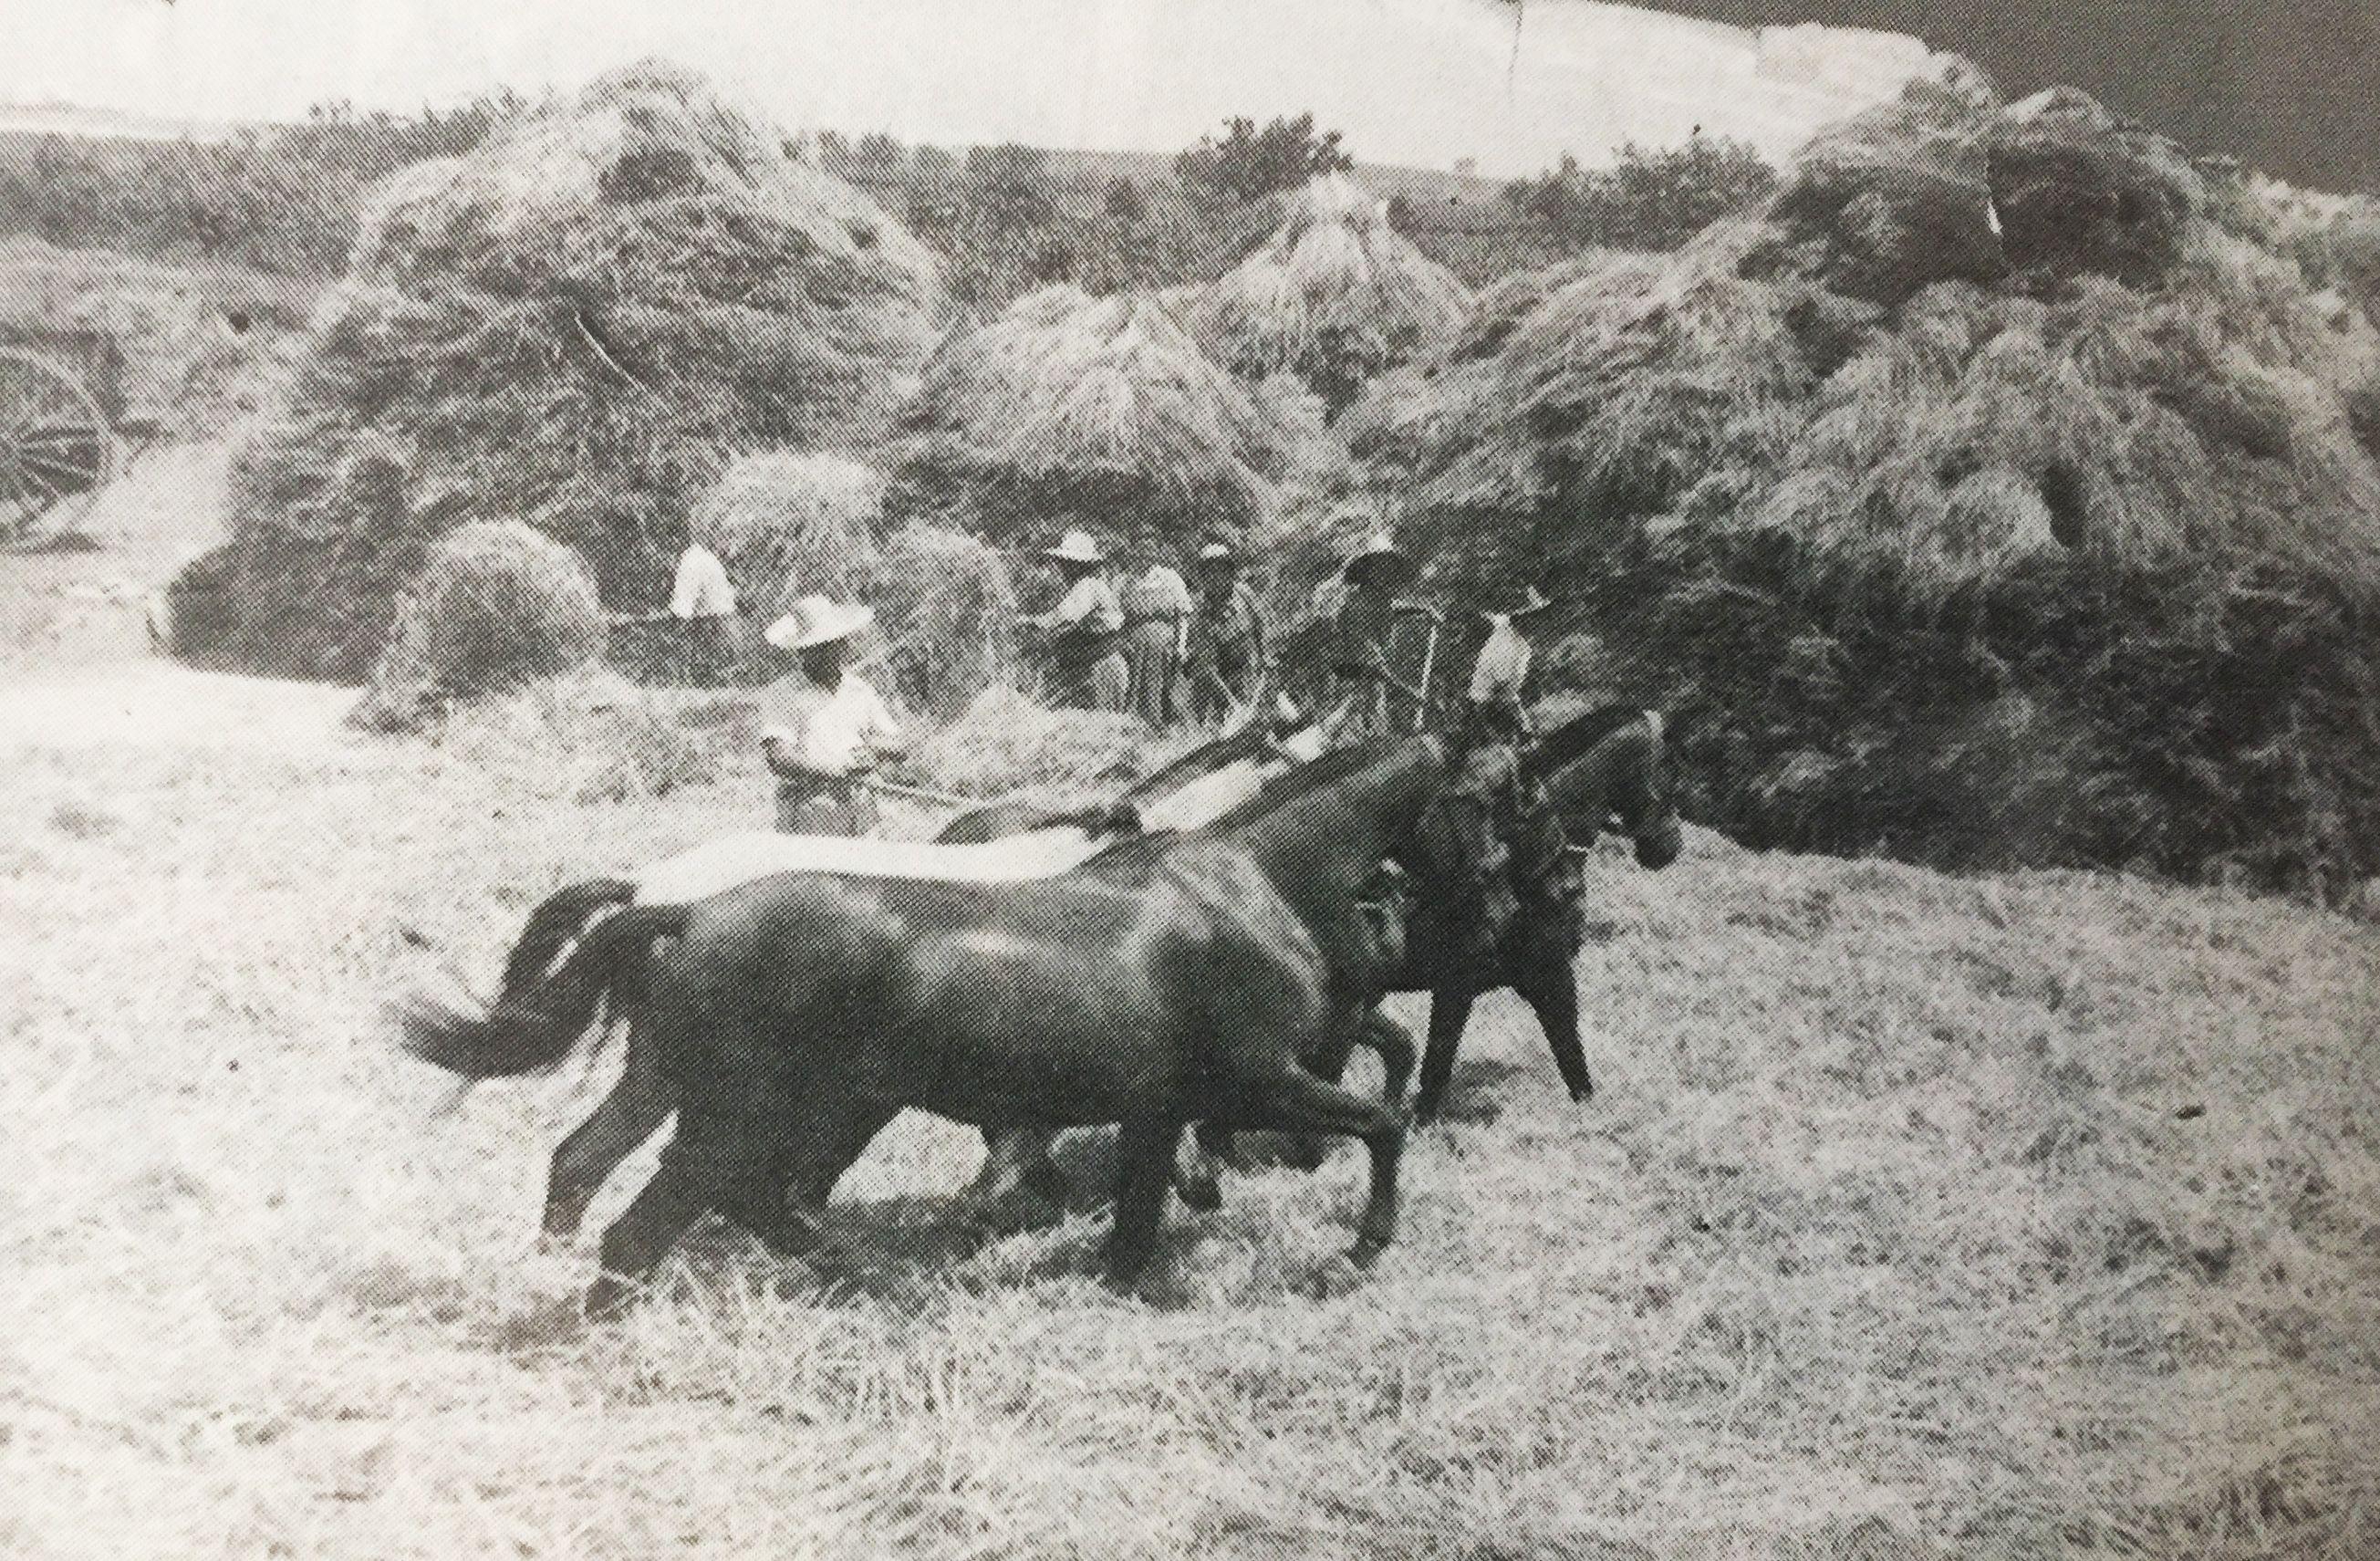 Batent un camp de blat, 1943 (Cedida per Joan Escorsell, %22Xamarrillo%22)